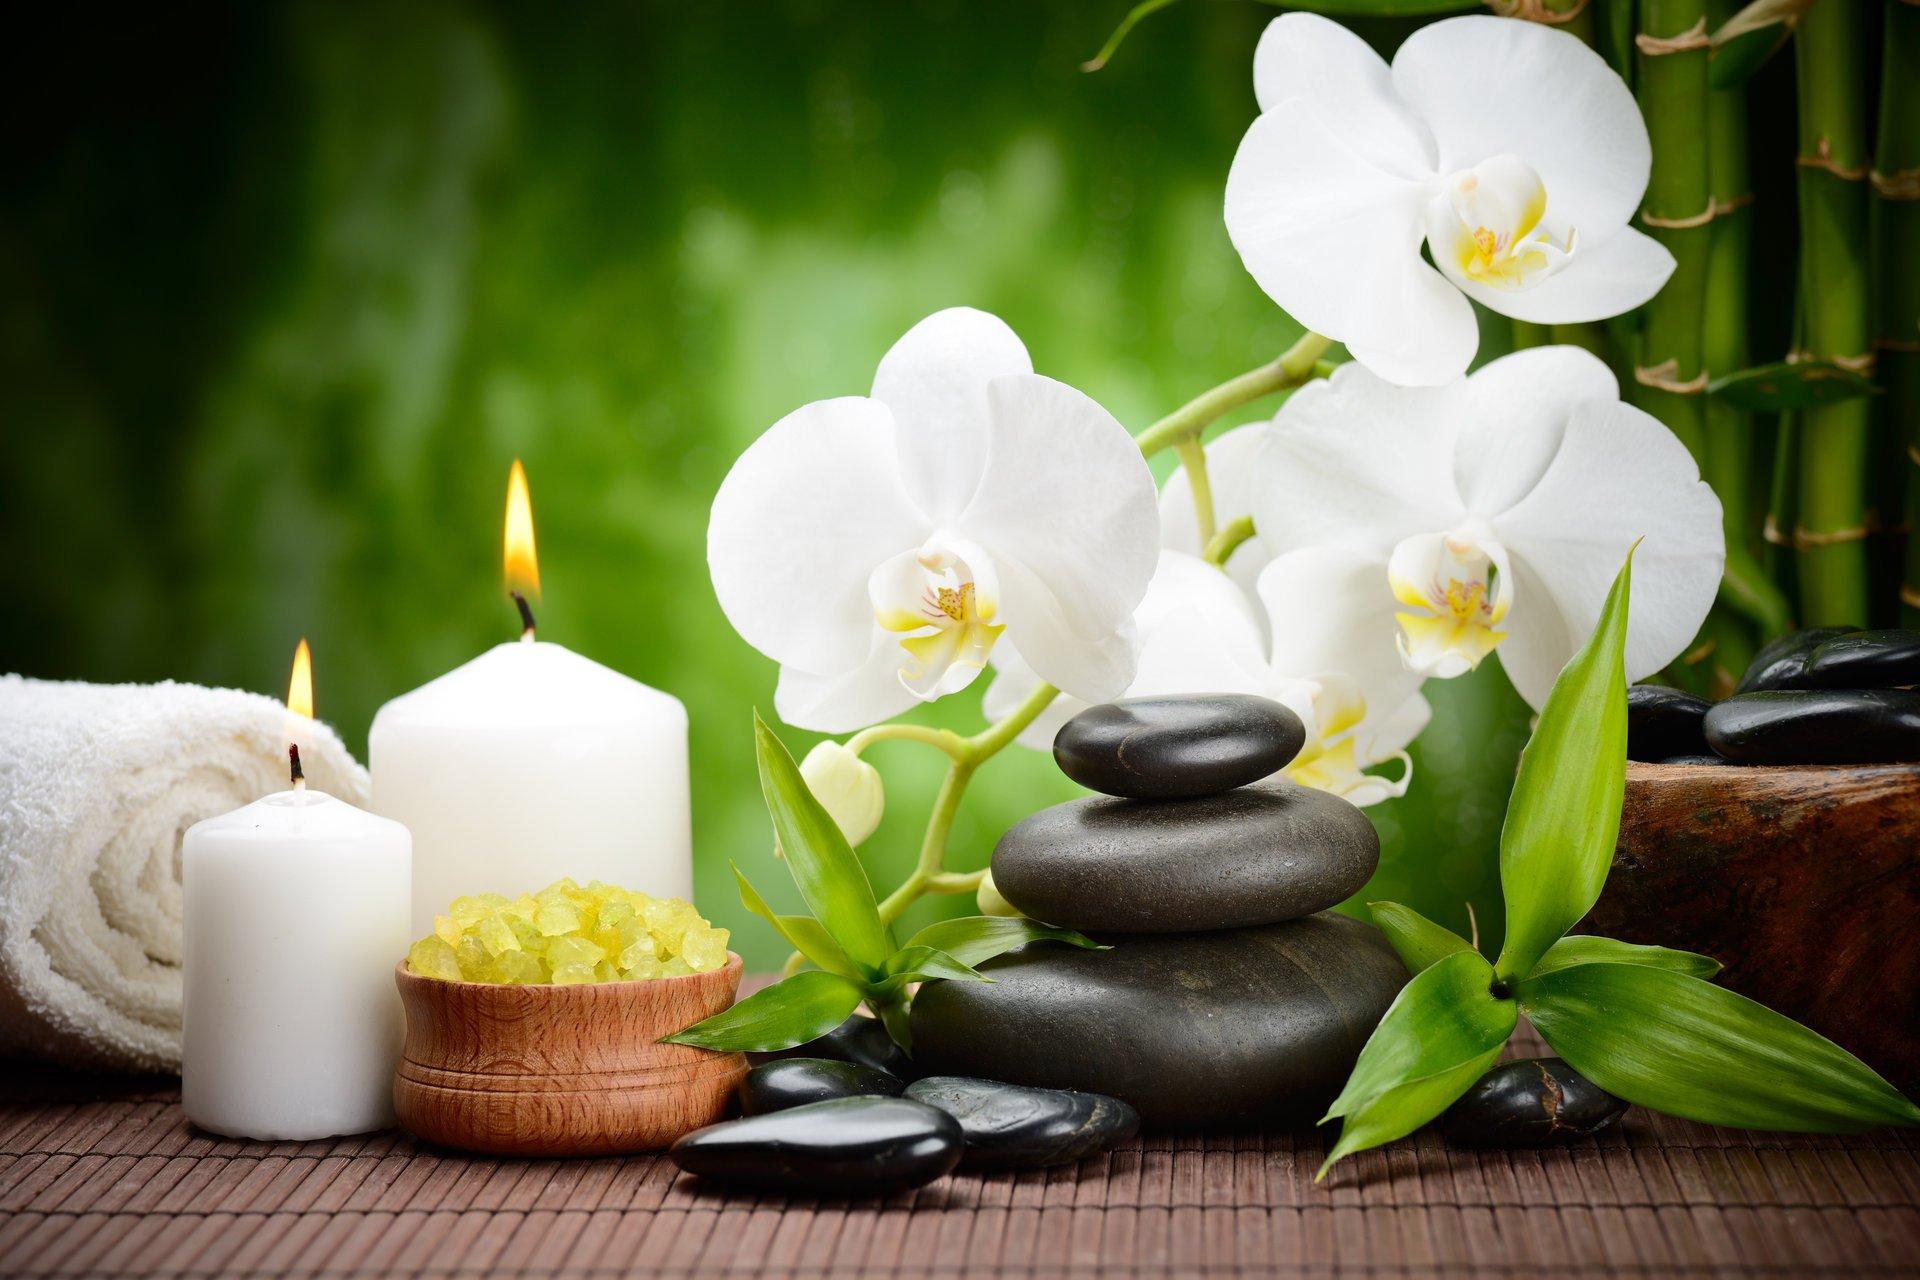 камни черные массажные спа цветок орхидея бамбук свечи ...